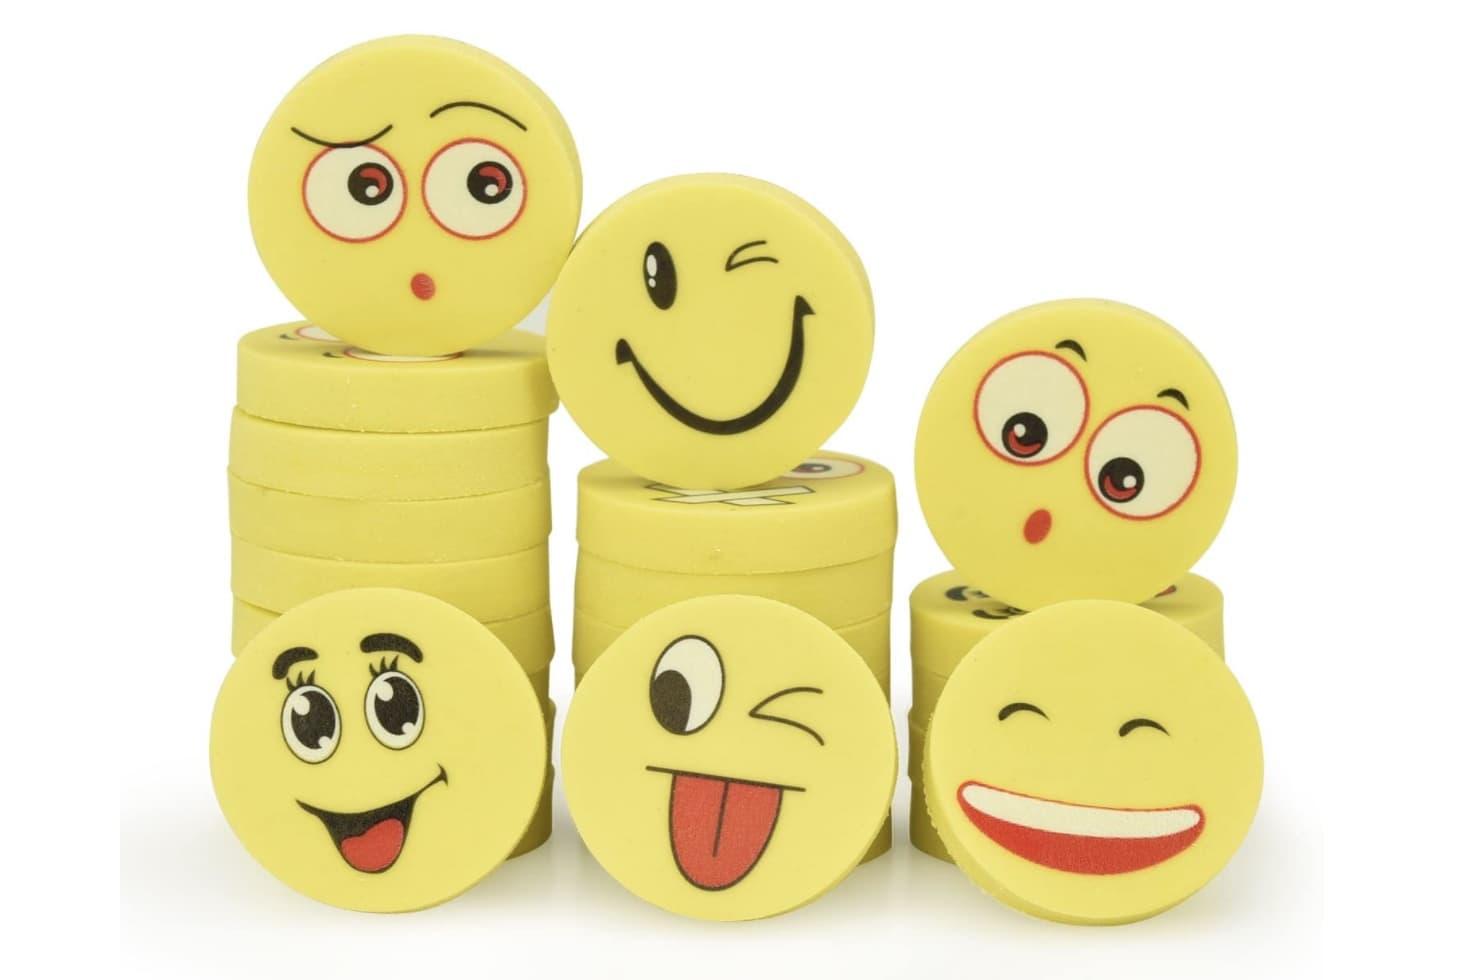 Wichtelgeschenk Kinder Radiergummi Set Emoji